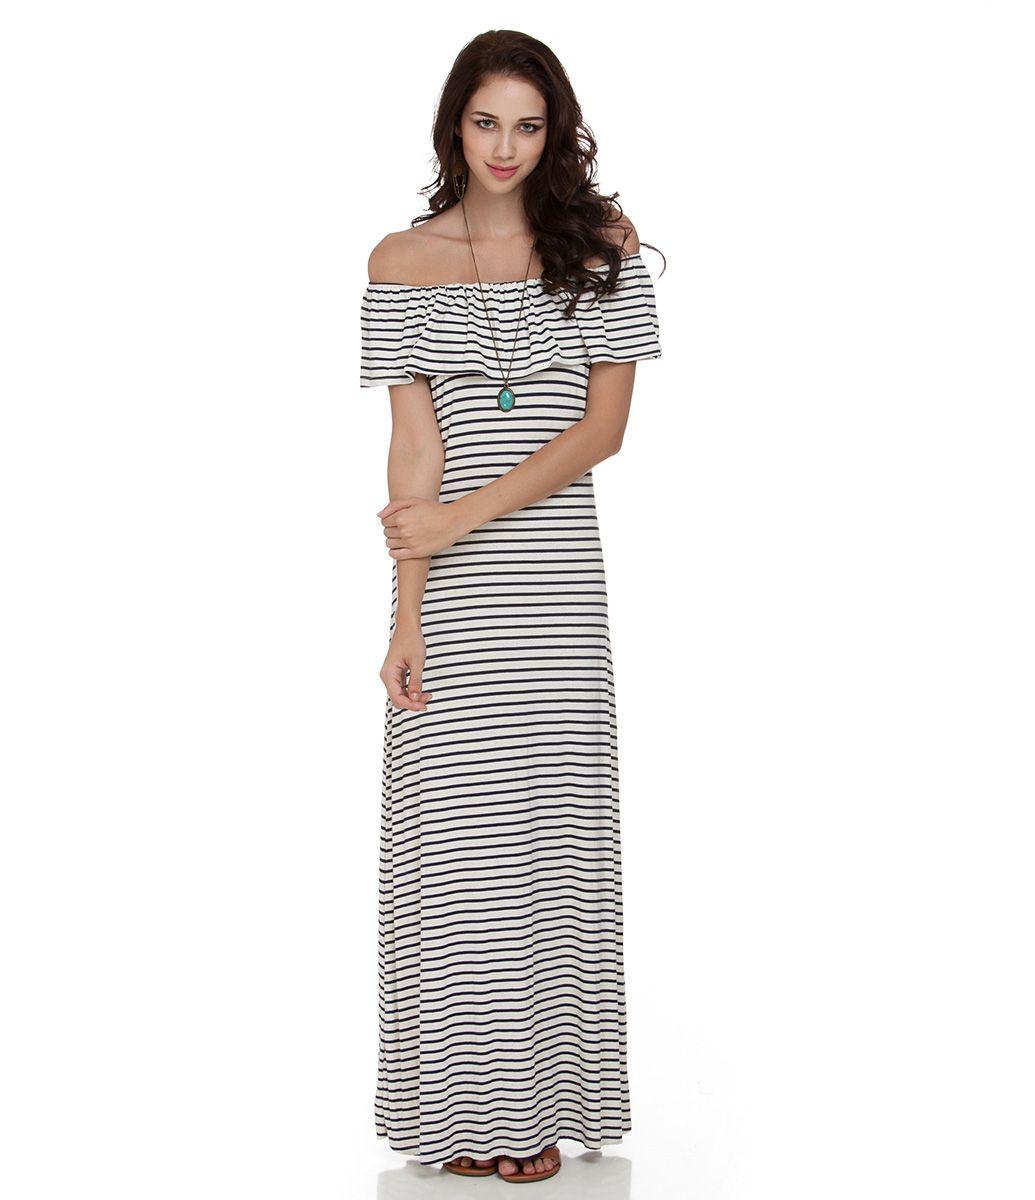 2a226d16d4 Vestido Longo Feminino Listrado com Babados - Lojas Renner